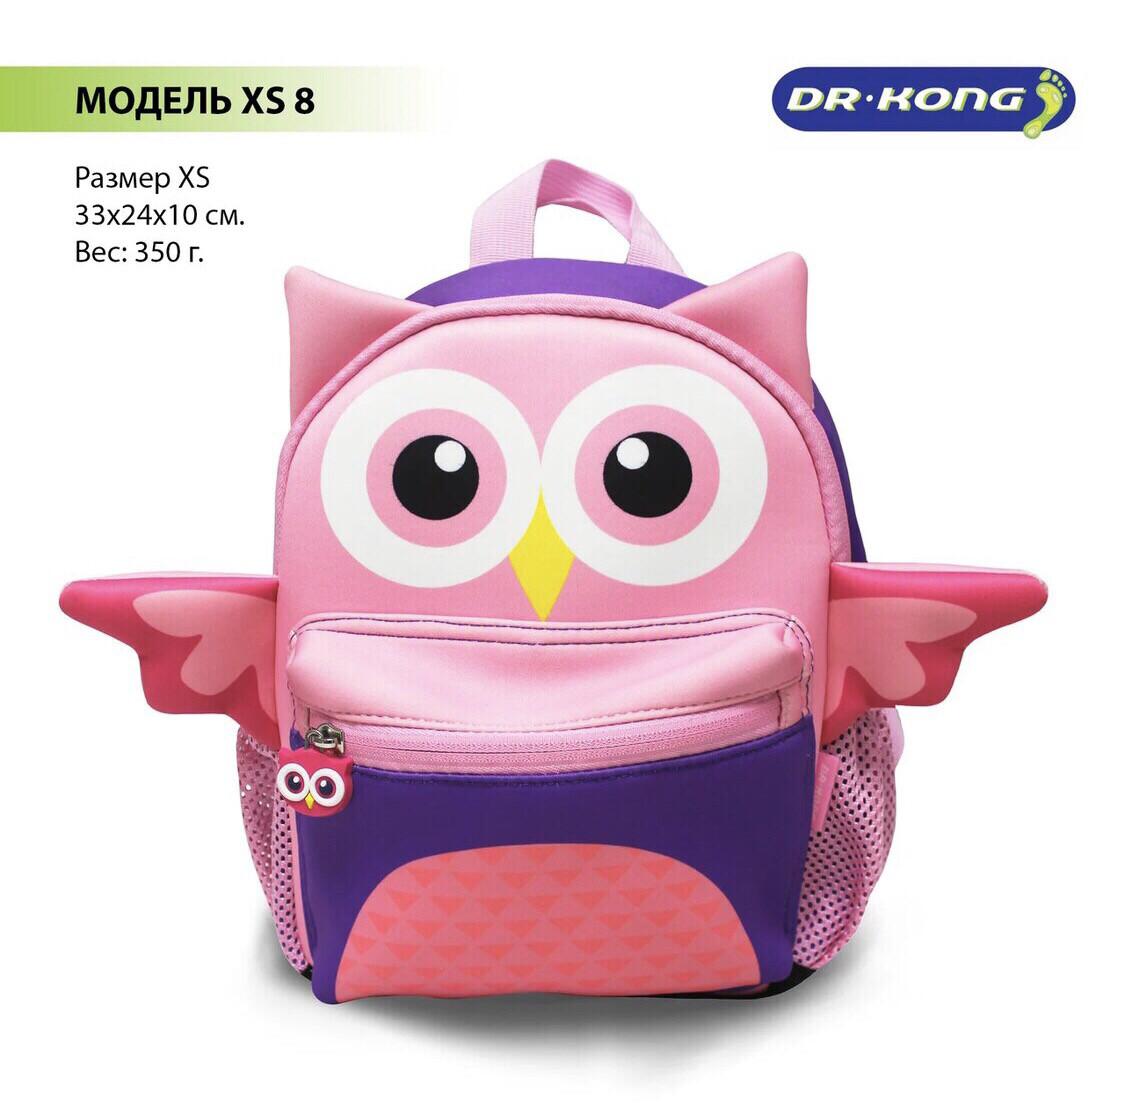 Детский рюкзак DR.KONG XS 8 для дошкольников